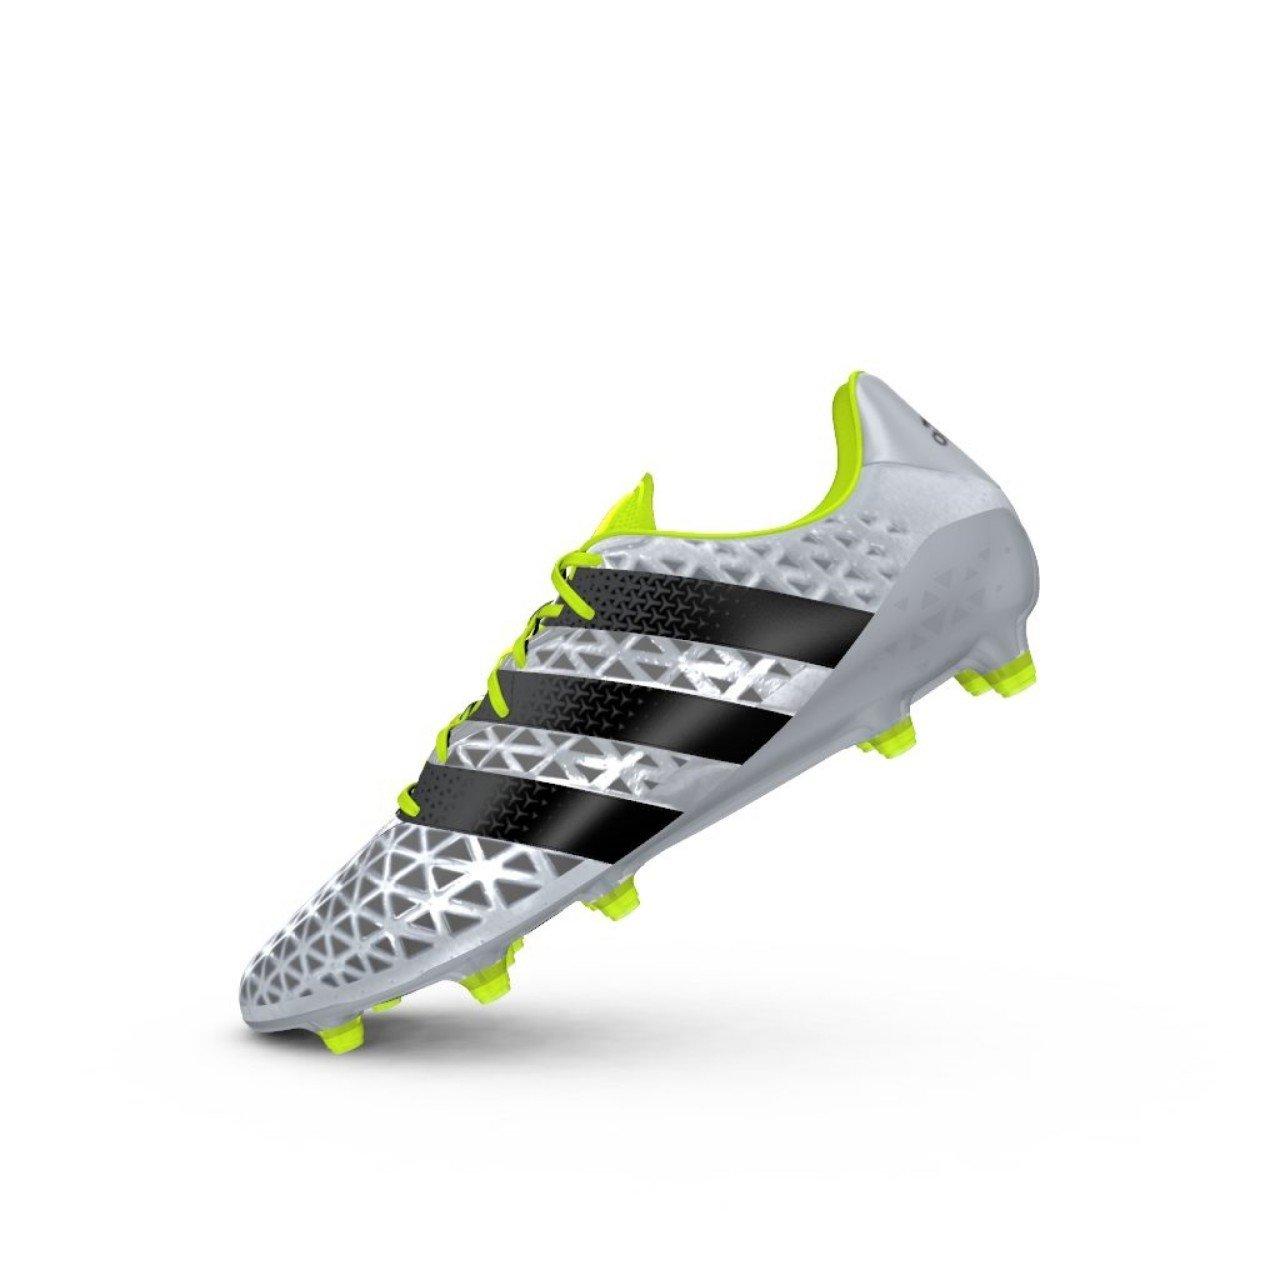 Adidas Ace 16.1 FG - Fußballstiefel - Herren, Silber